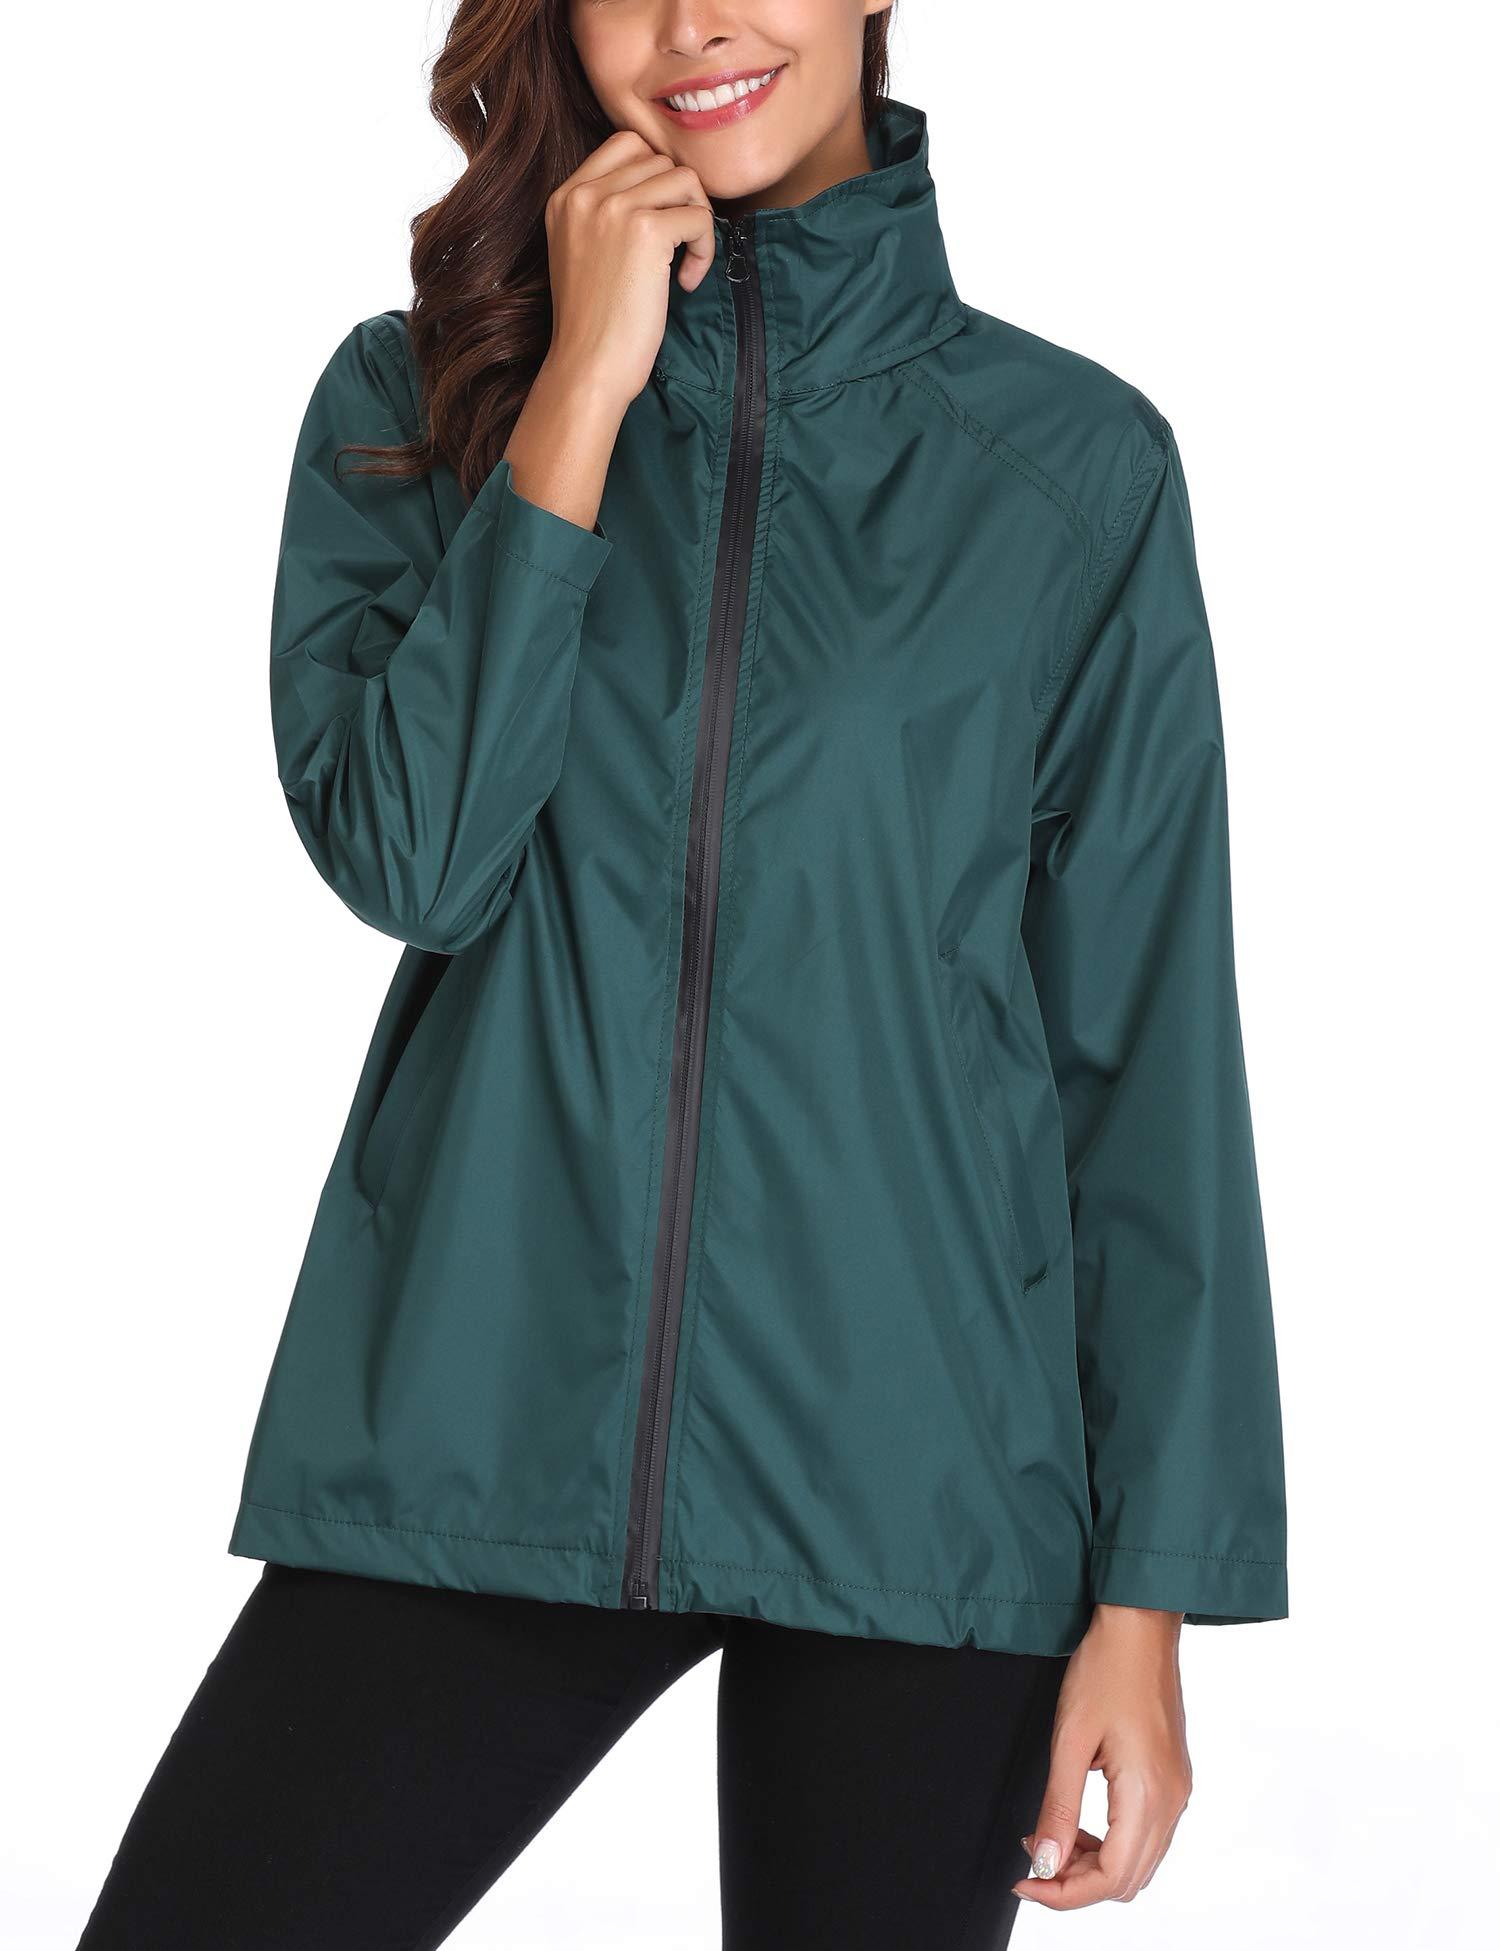 Womans Lightweight Rainwear Softshell Casual Outwear Windbreaker Jacket Dark Green XL